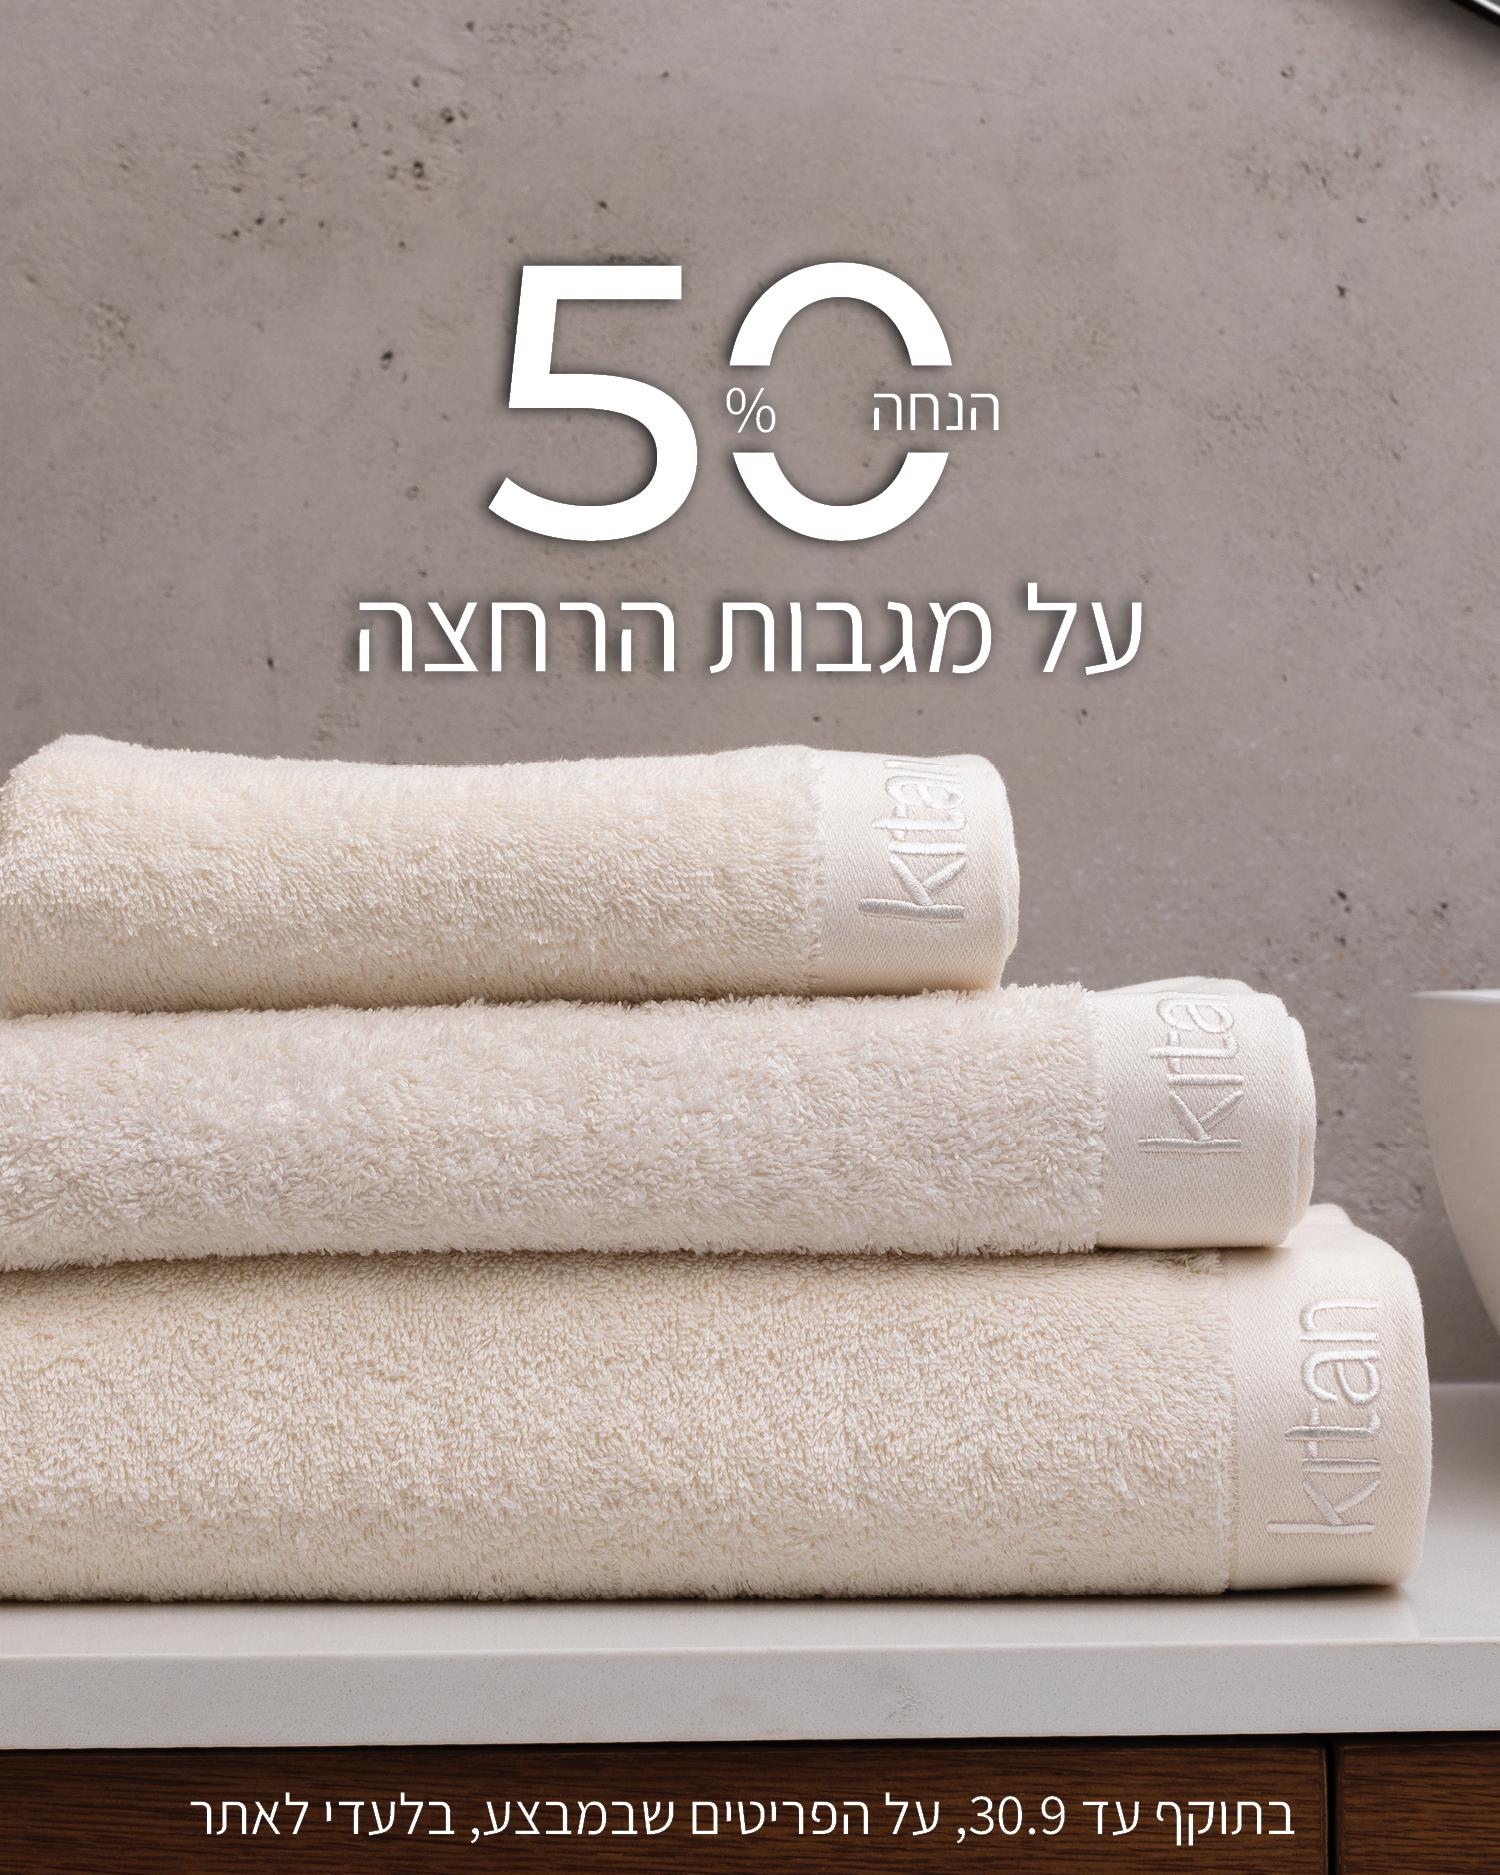 50% הנחה על מגבות רחצה